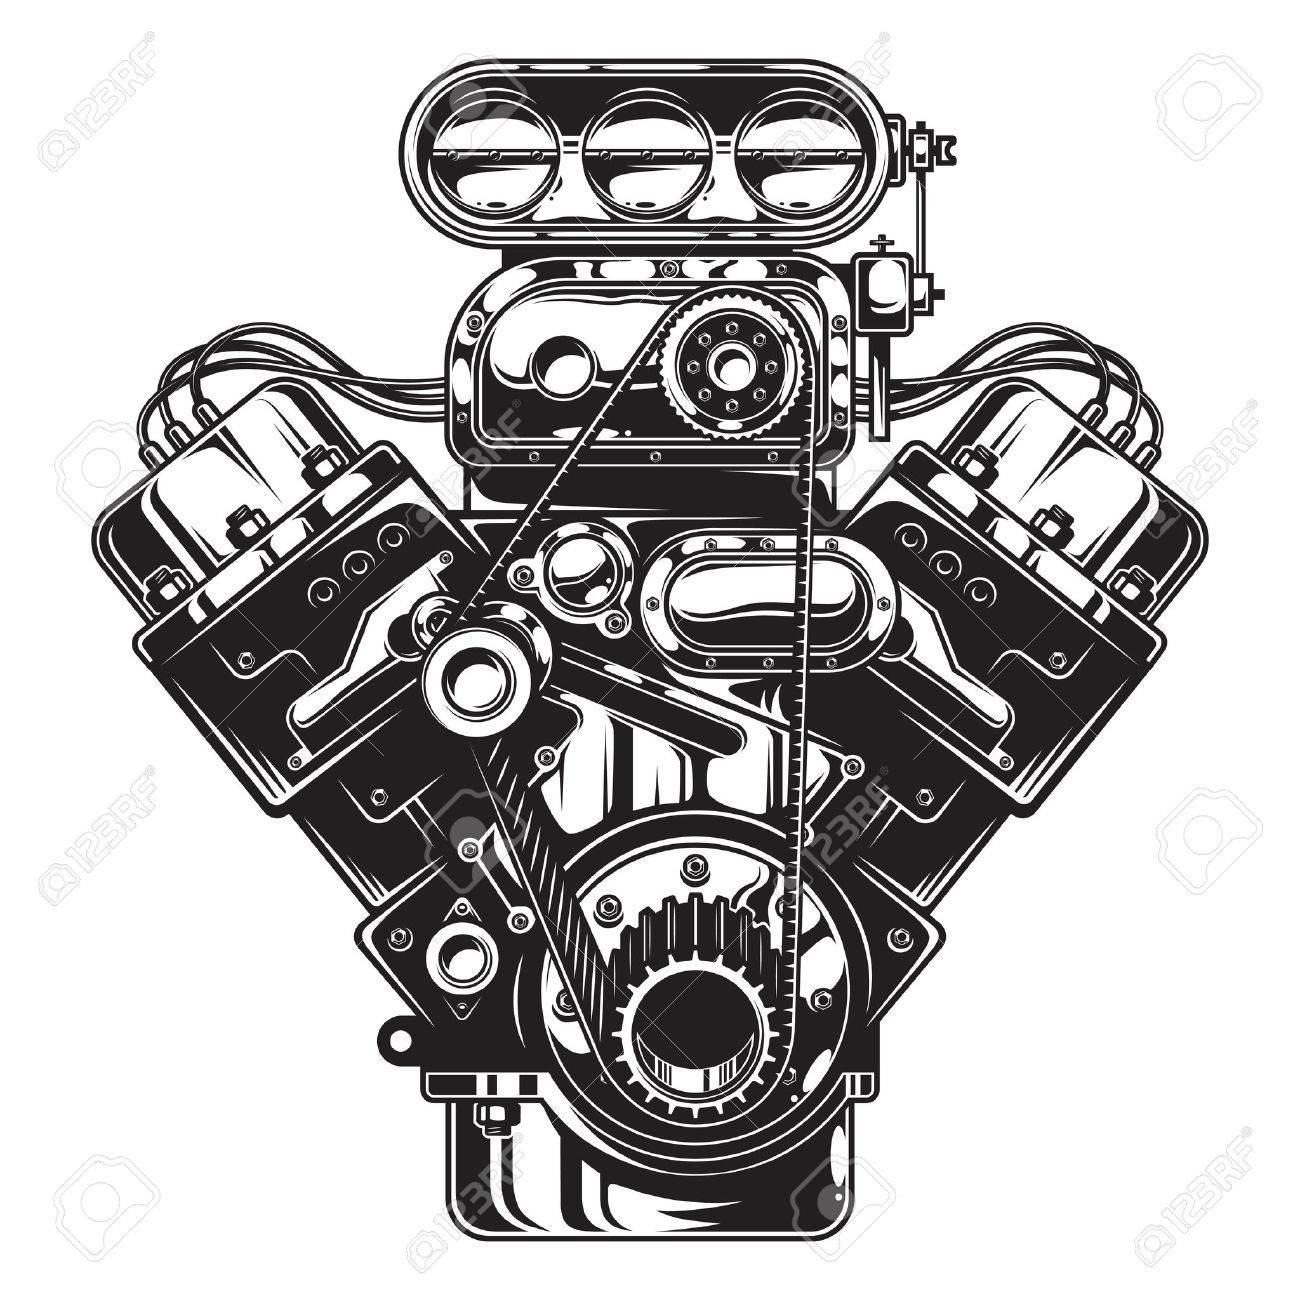 Isolated illustration of car engine on white layout. - 74858419